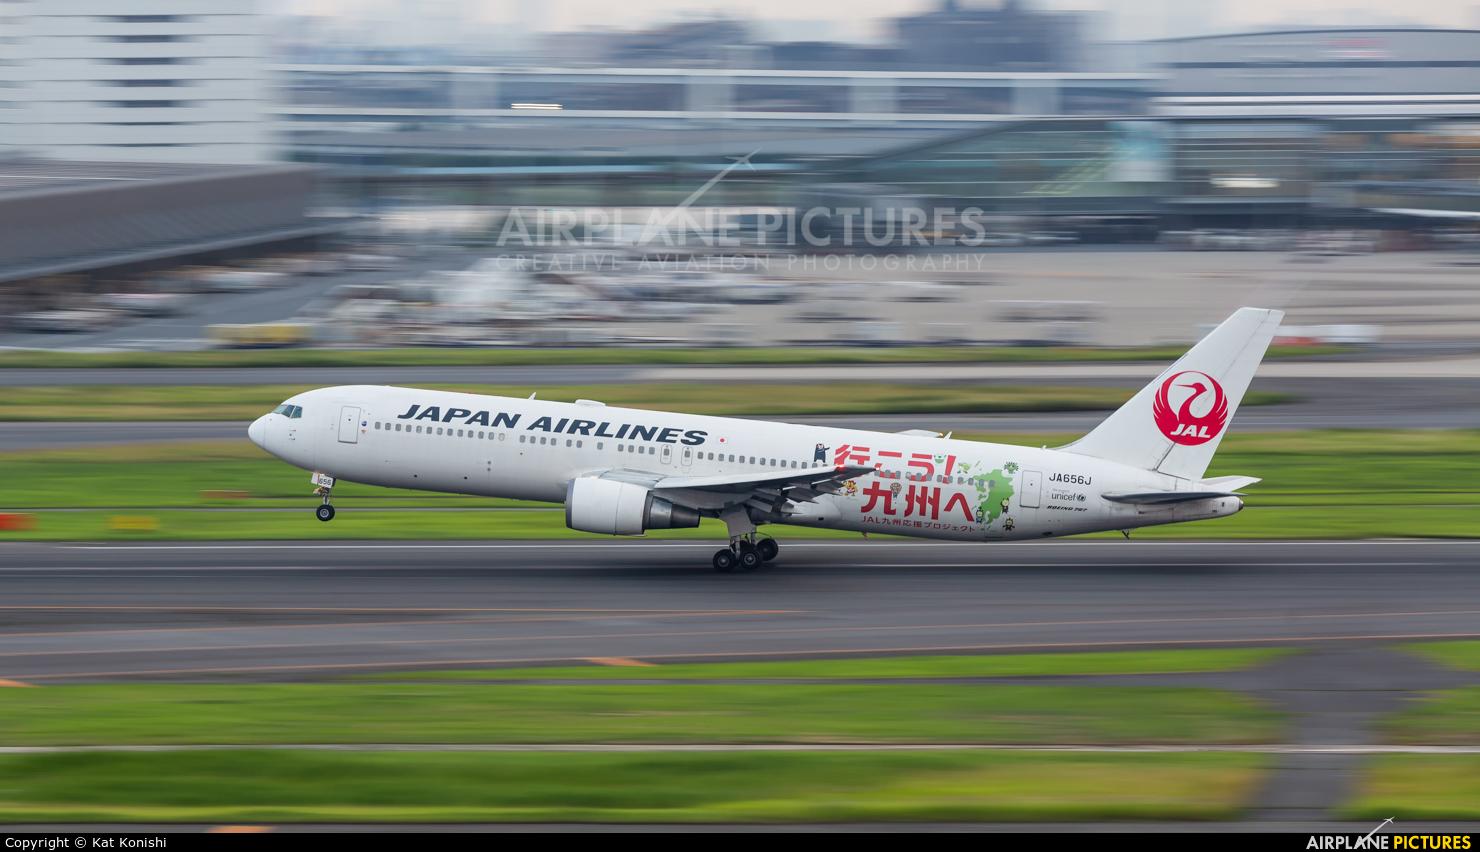 JAL - Japan Airlines JA656J aircraft at Tokyo - Haneda Intl